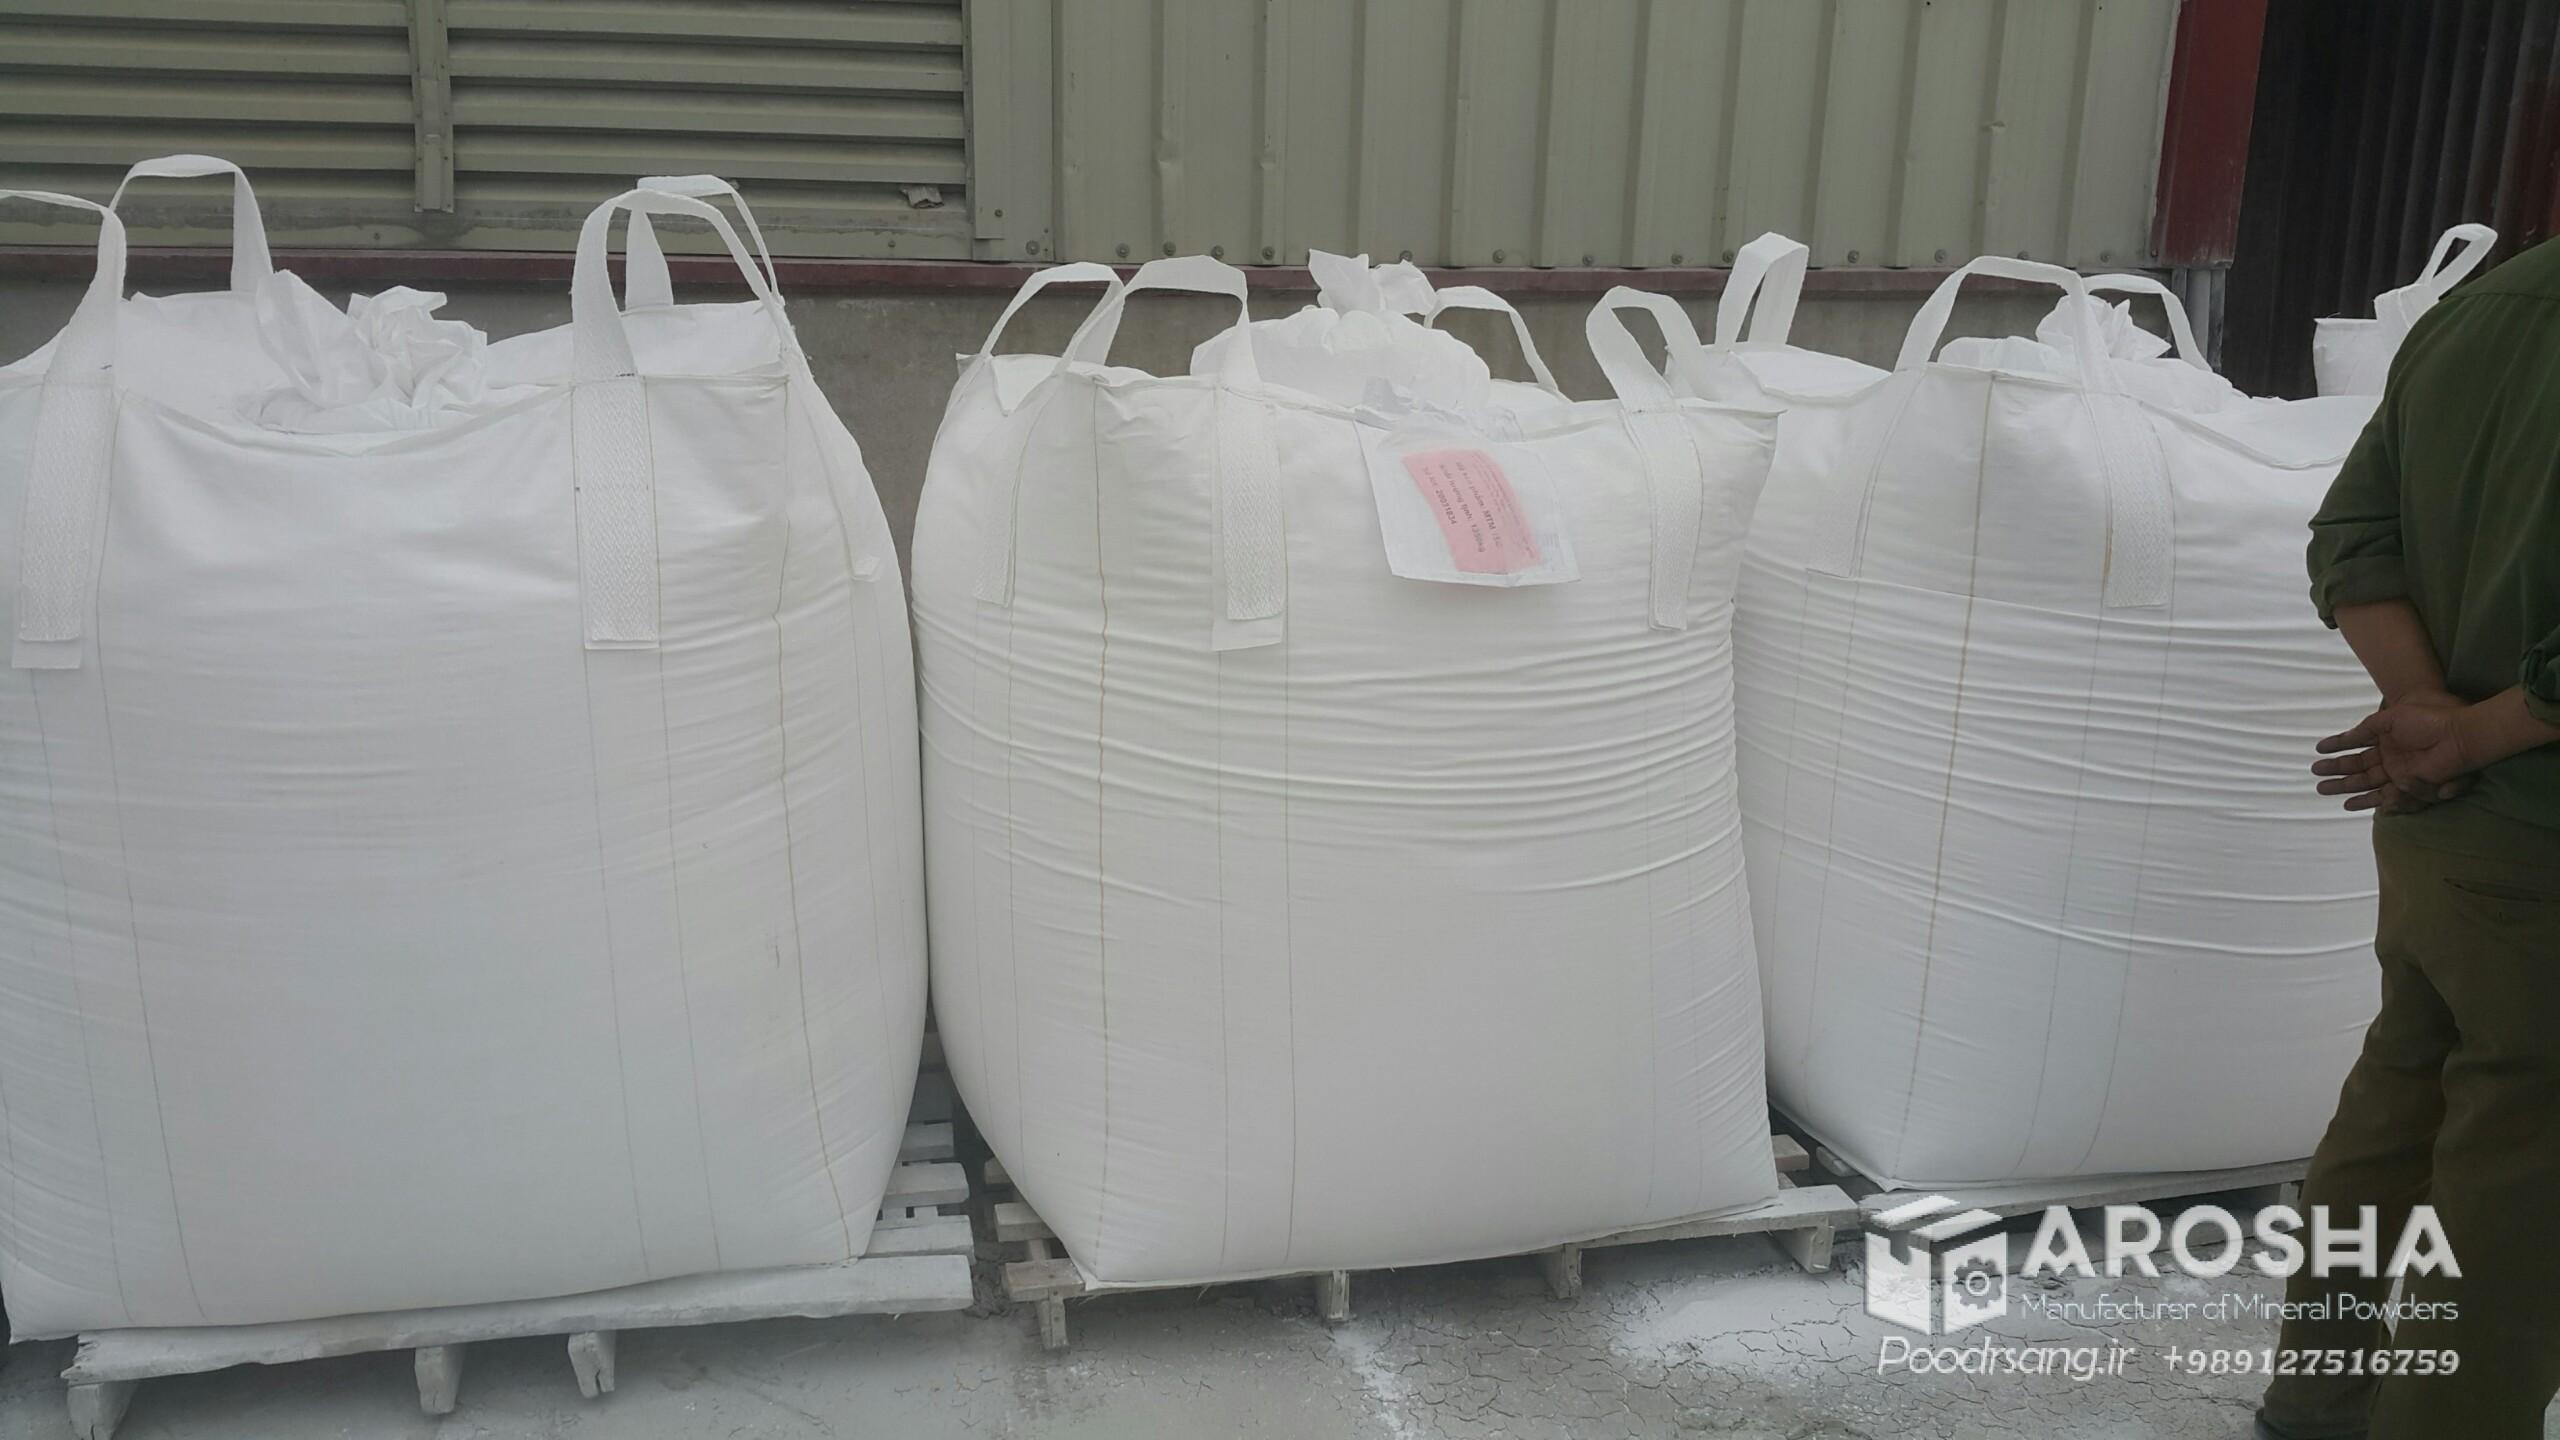 فروش انواع کربنات کلسیم به قیمت ارزان